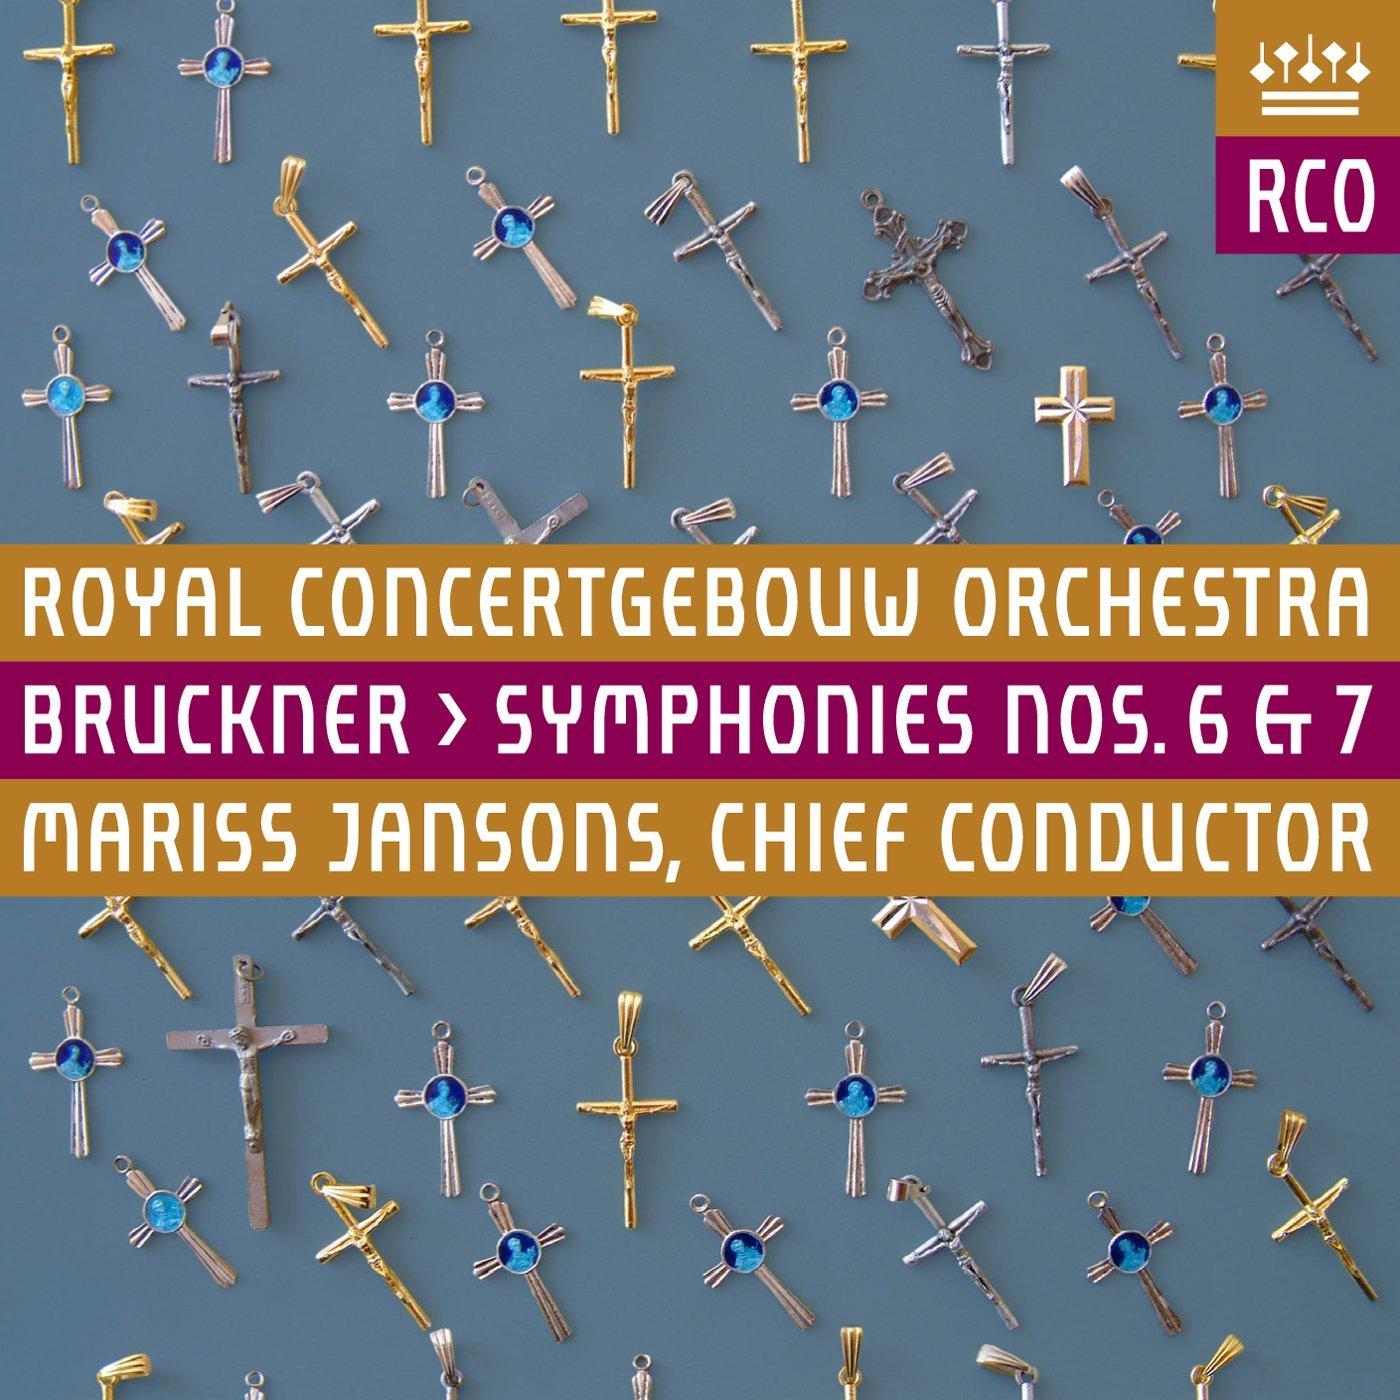 cover bruckner jansons 6 7 rco